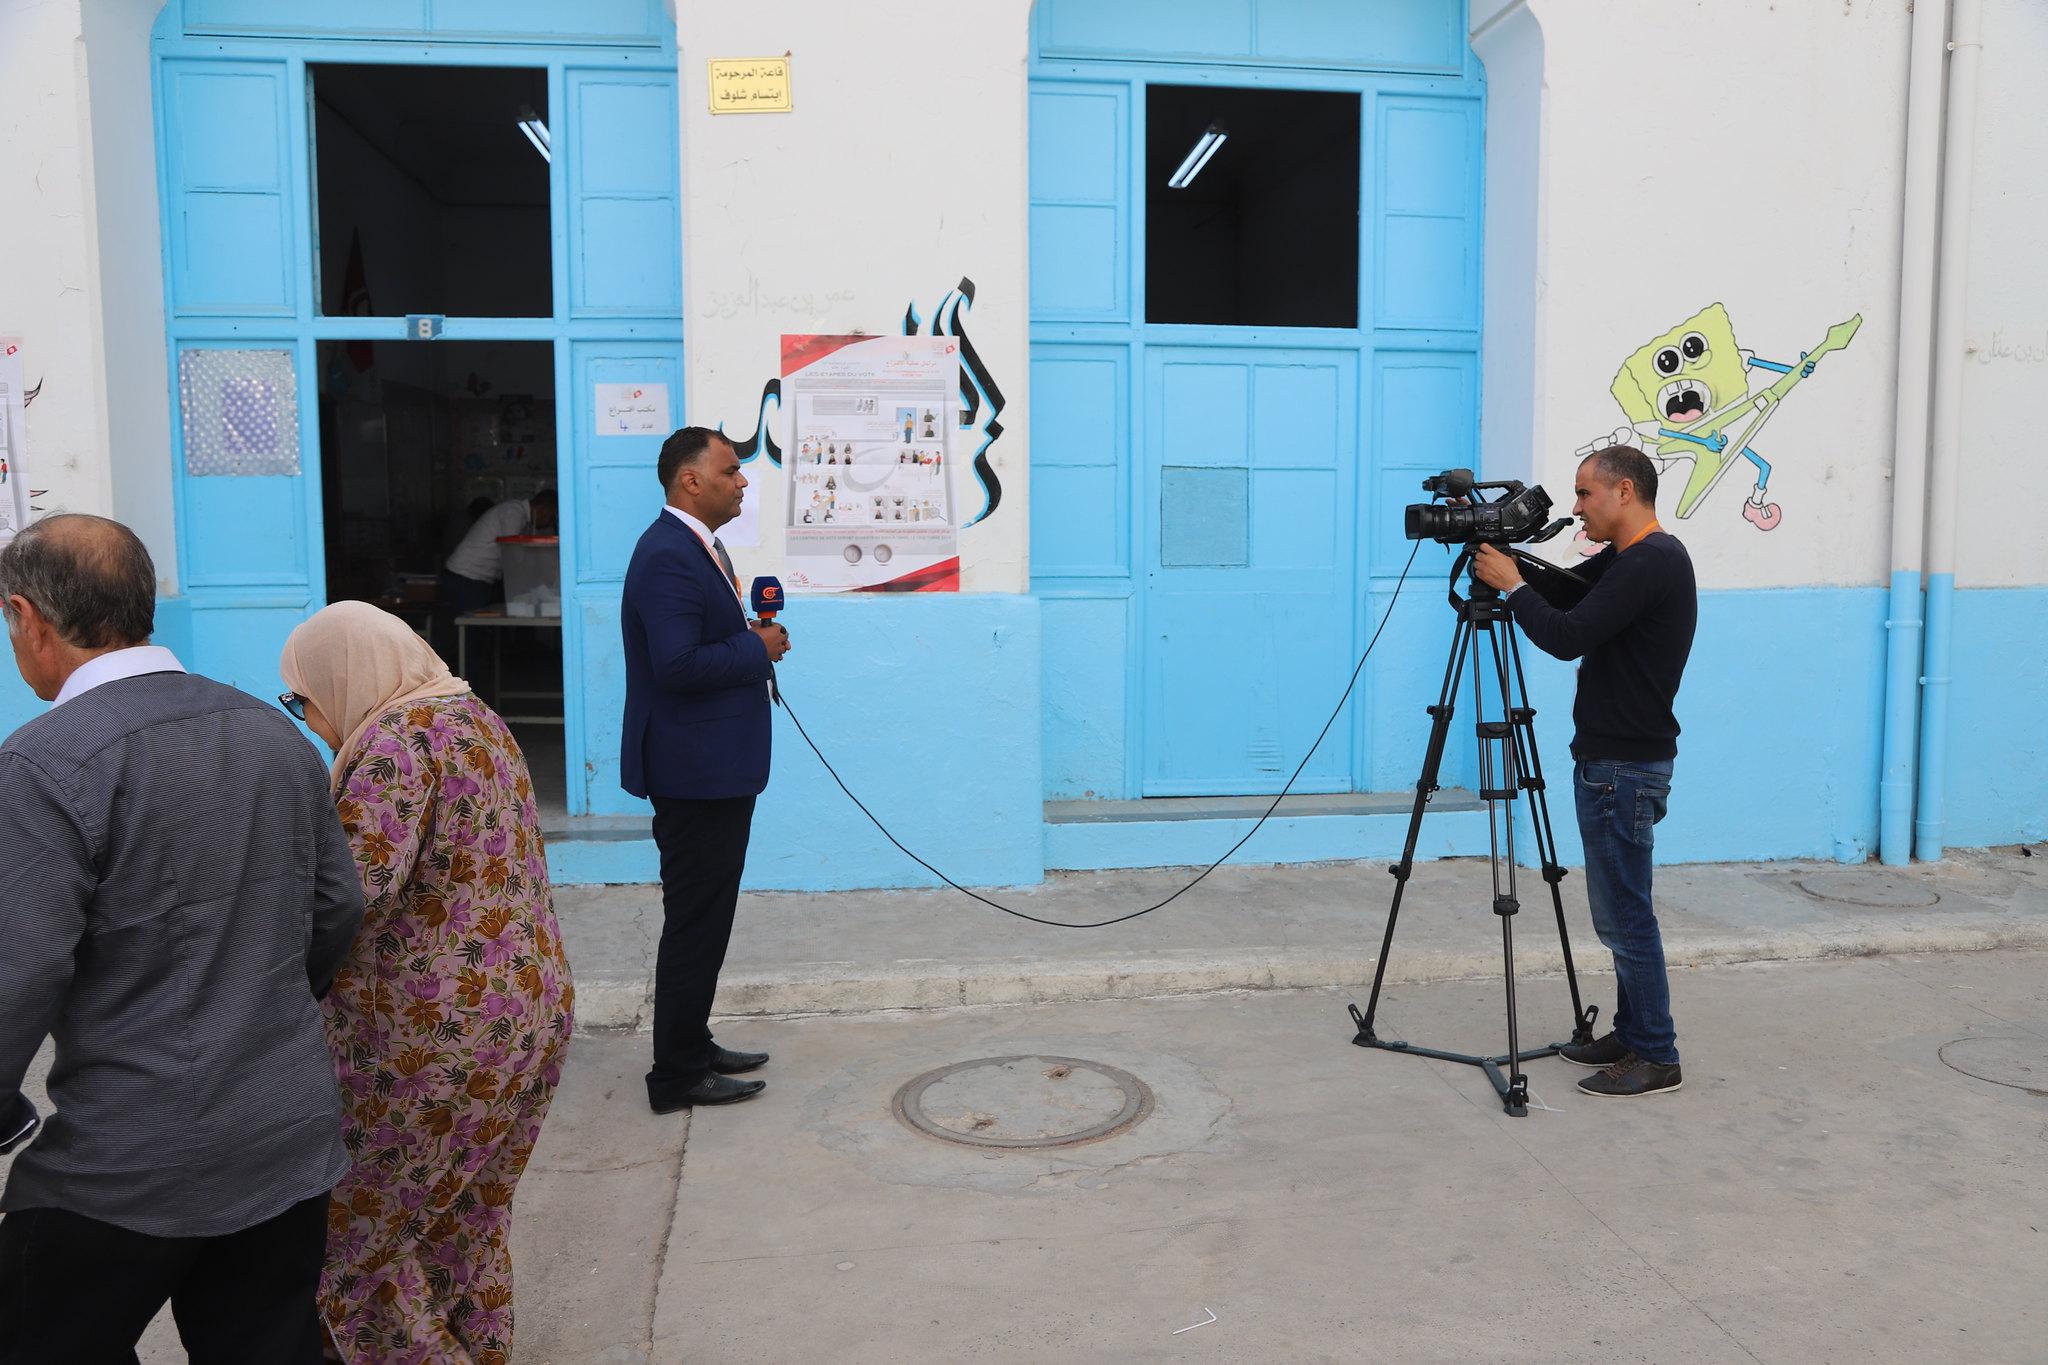 Un journaliste TV commente les élections devant un centre de vote en Tunisie.